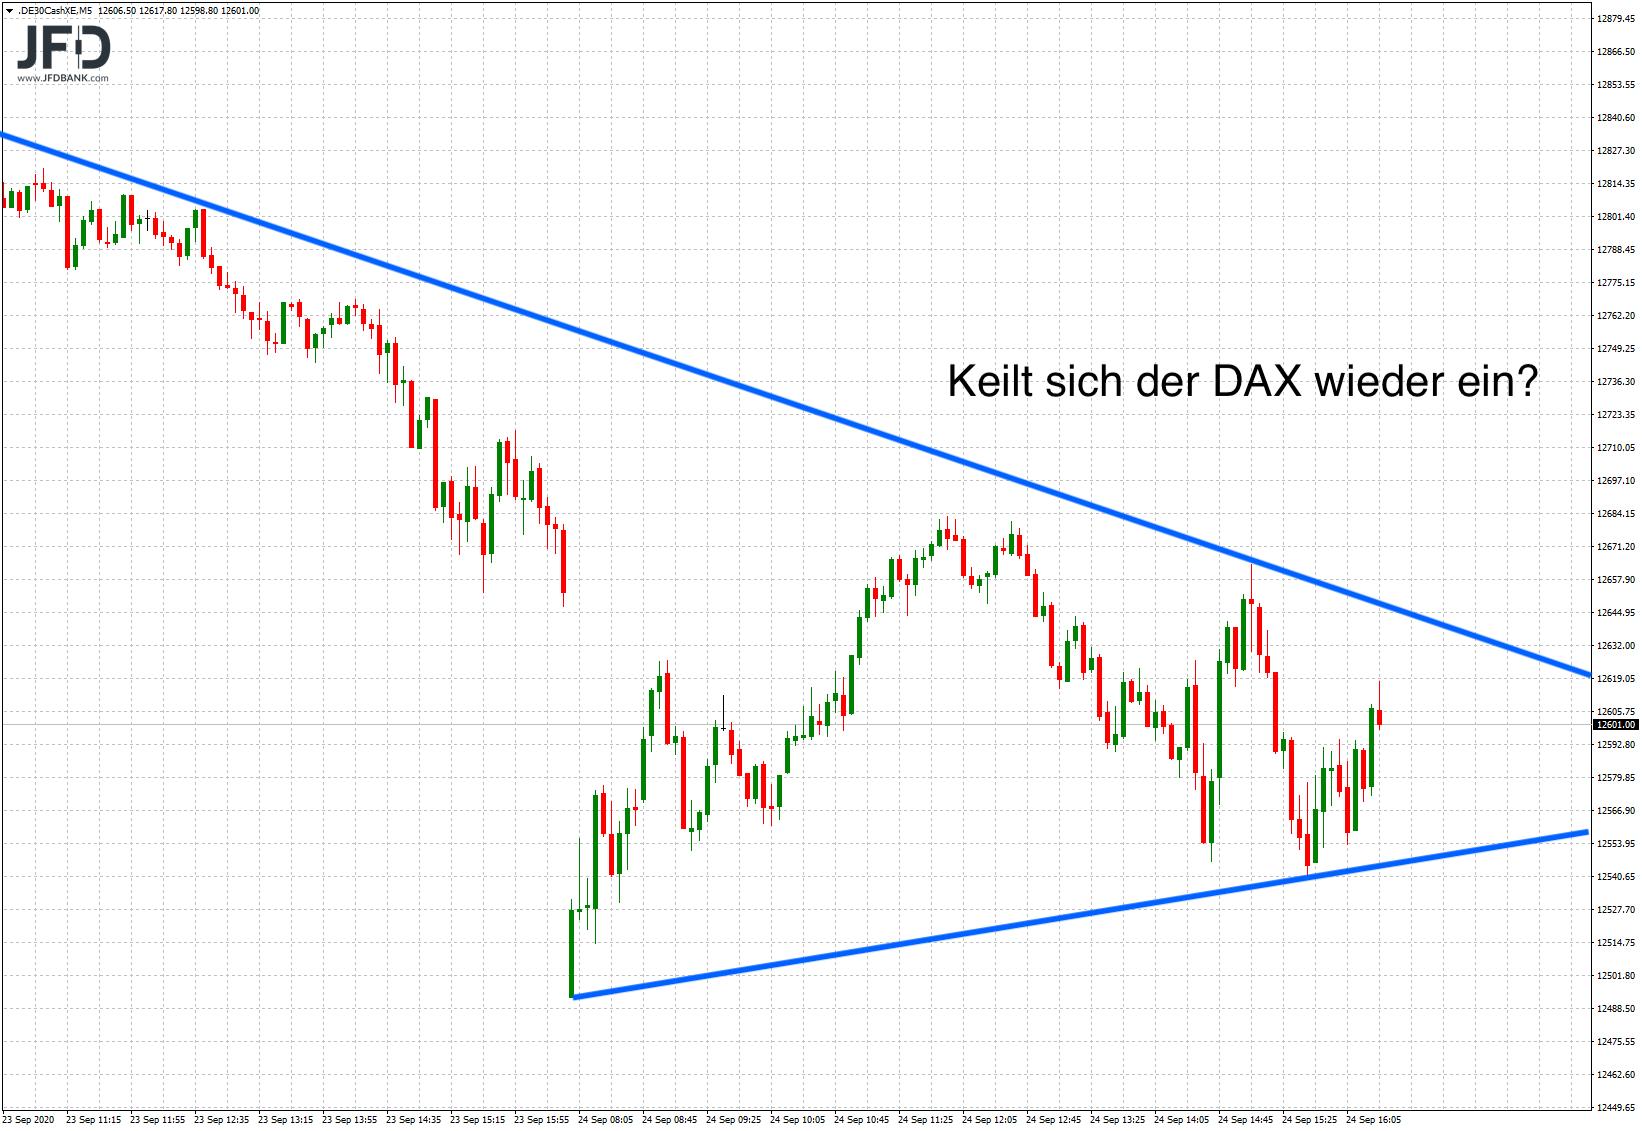 DAX-Begrenzungen durch Trendlinien